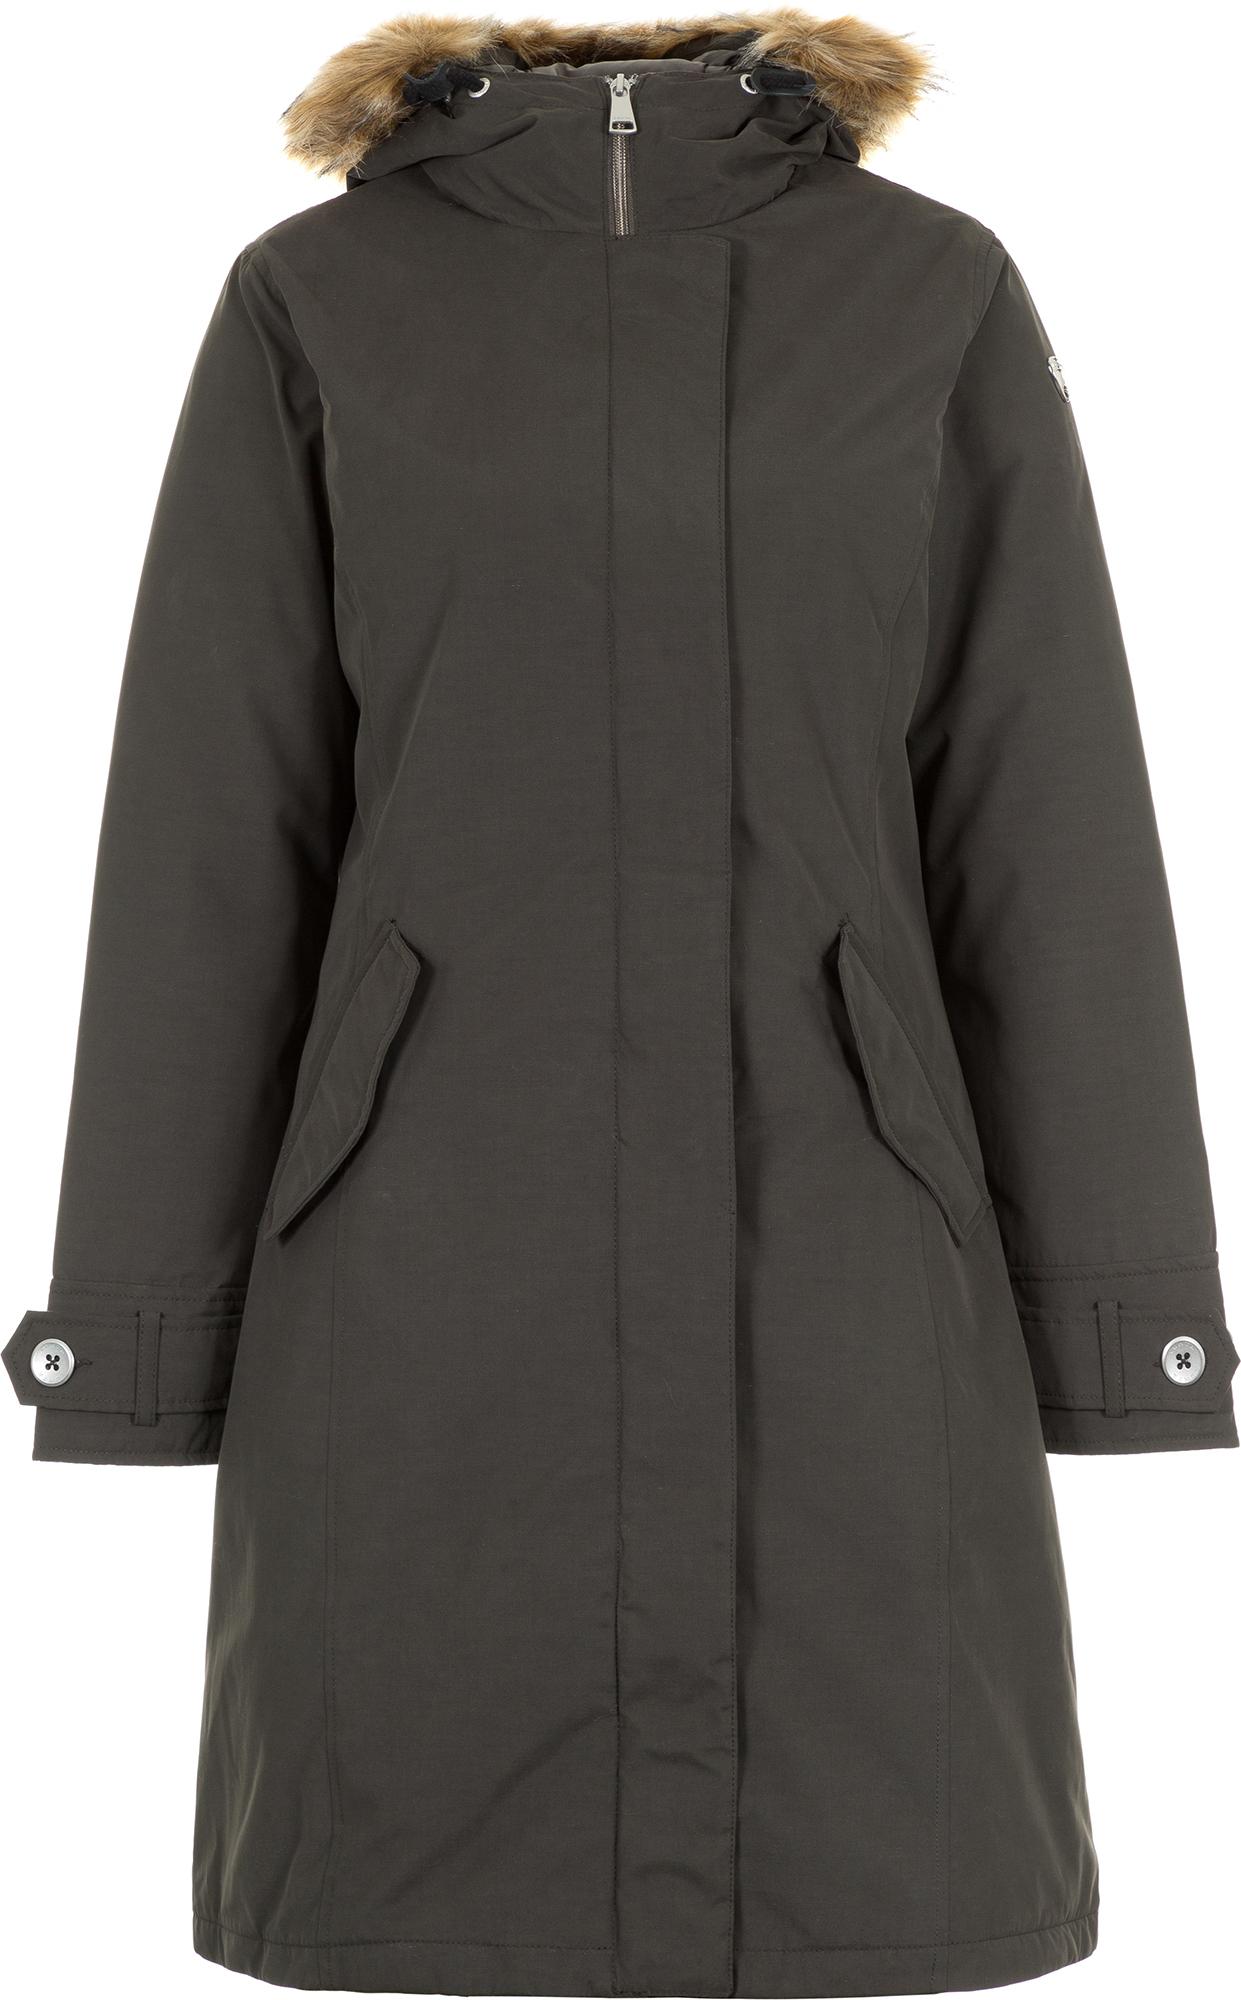 Luhta Пальто утепленное женское Luhta Paulo, размер 54 цены онлайн